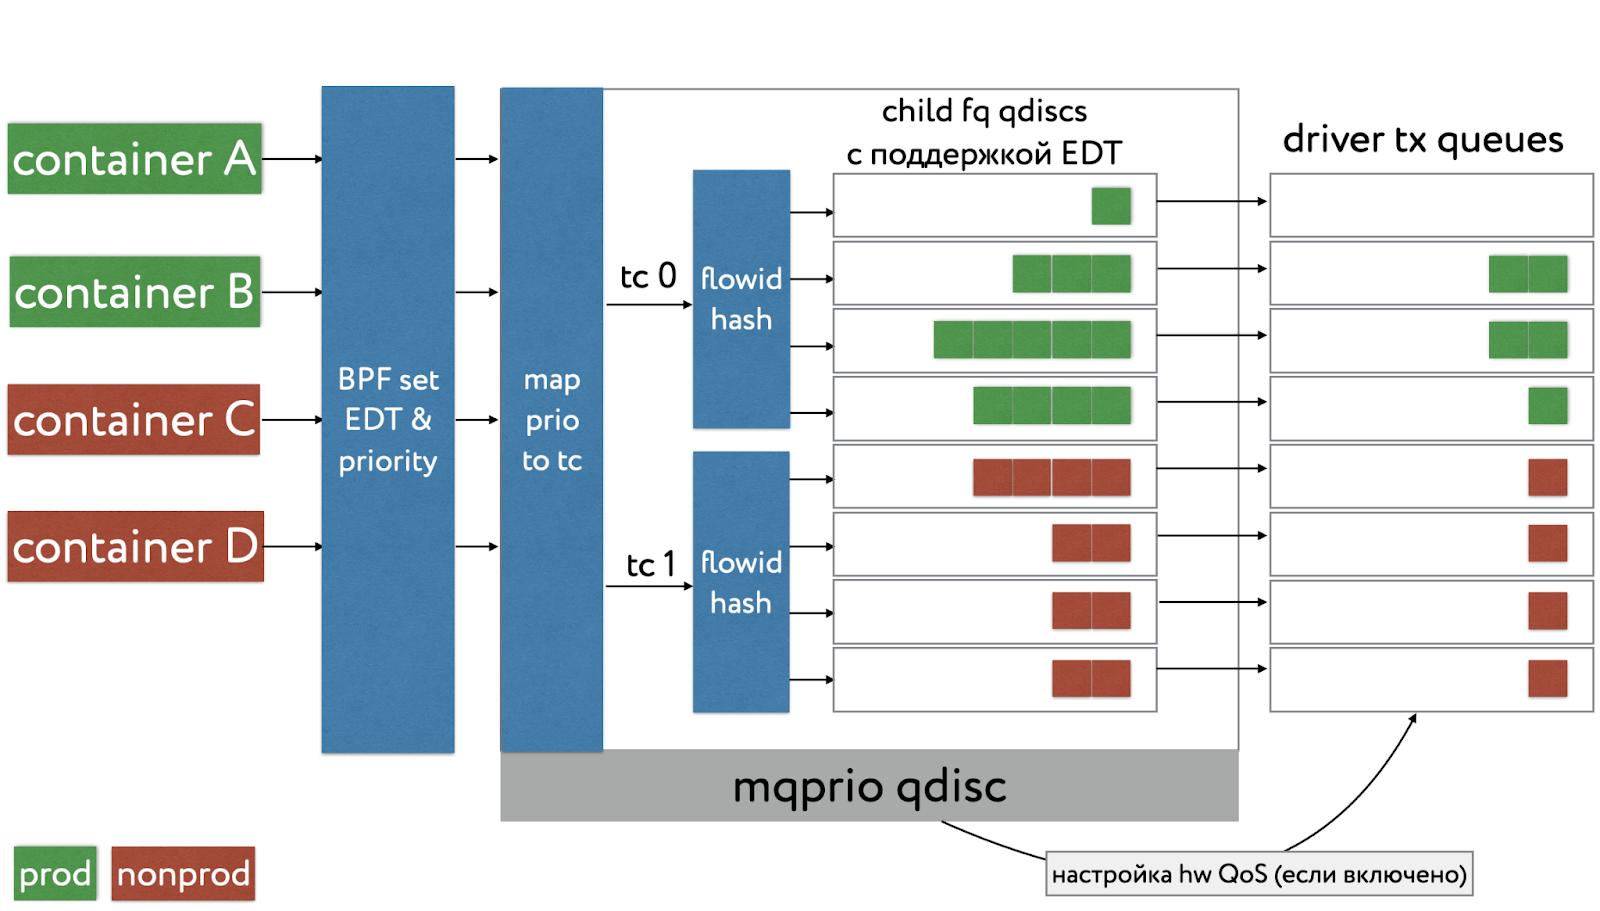 Лимитирование и приоритезация трафика с помощью BPF, mqprio, EDT и fq